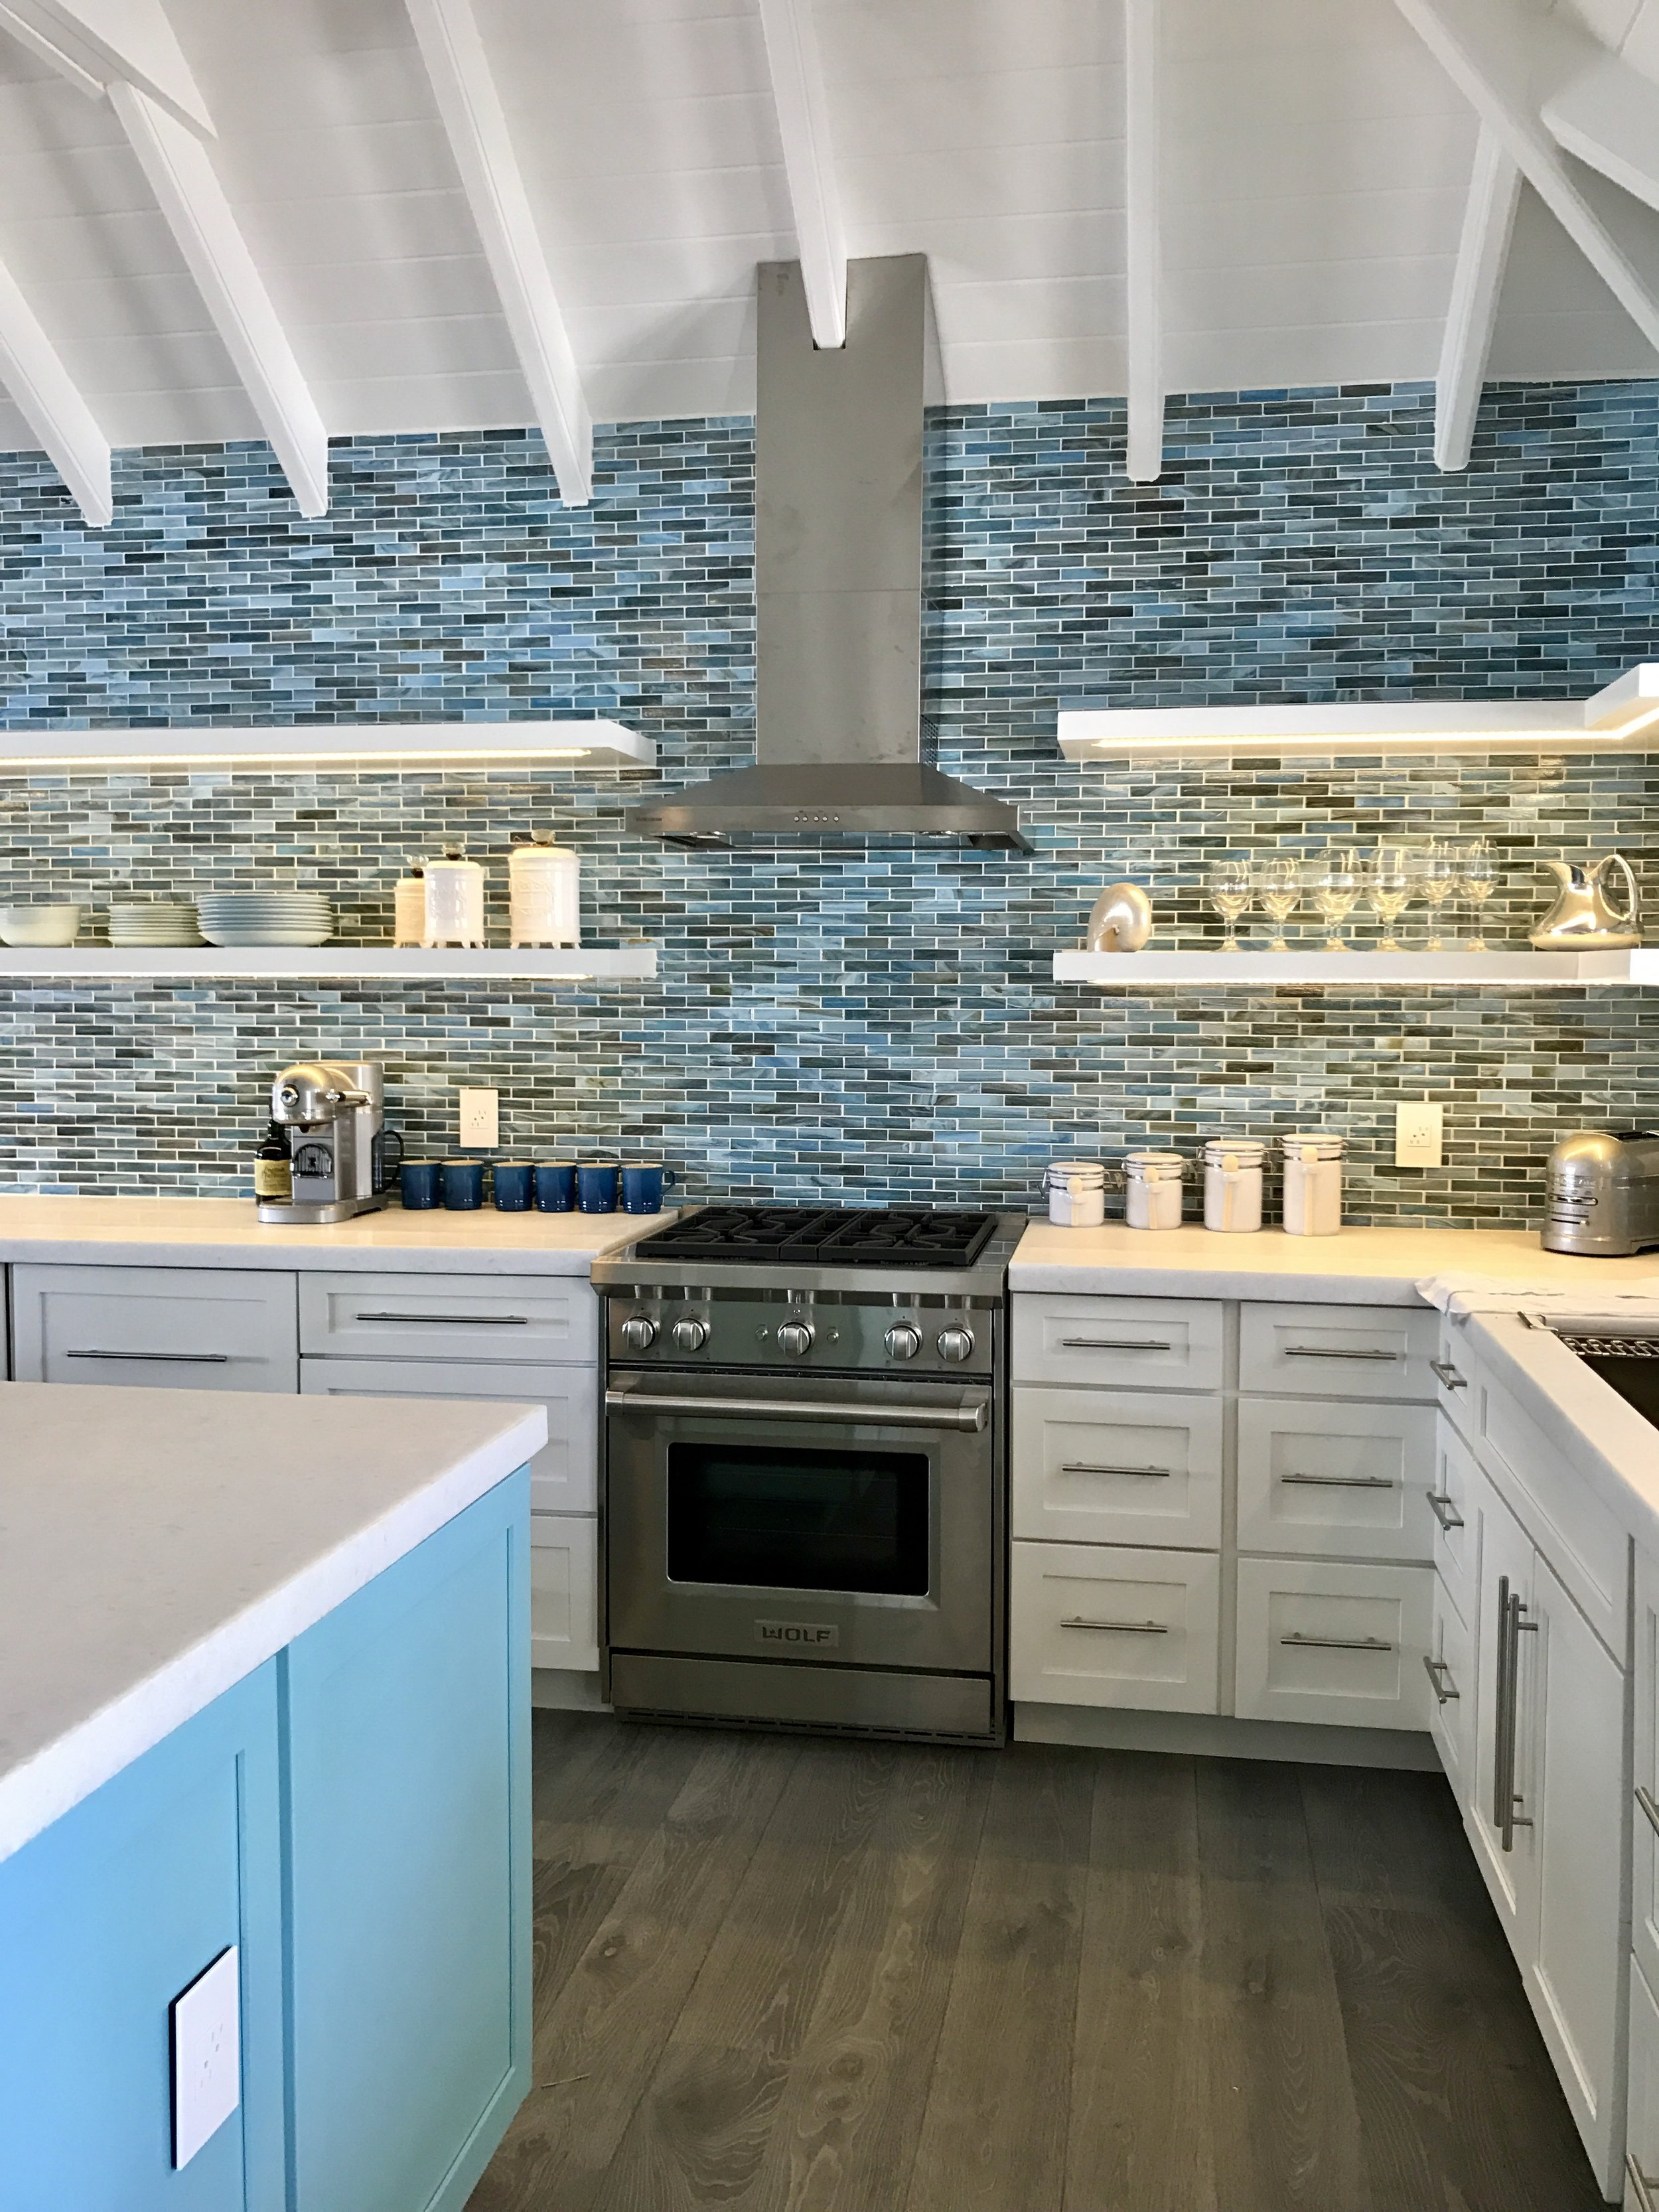 Kitchen design by interior designer Charmaine B Werth. Photo courtesy of Charmaine B Werth,